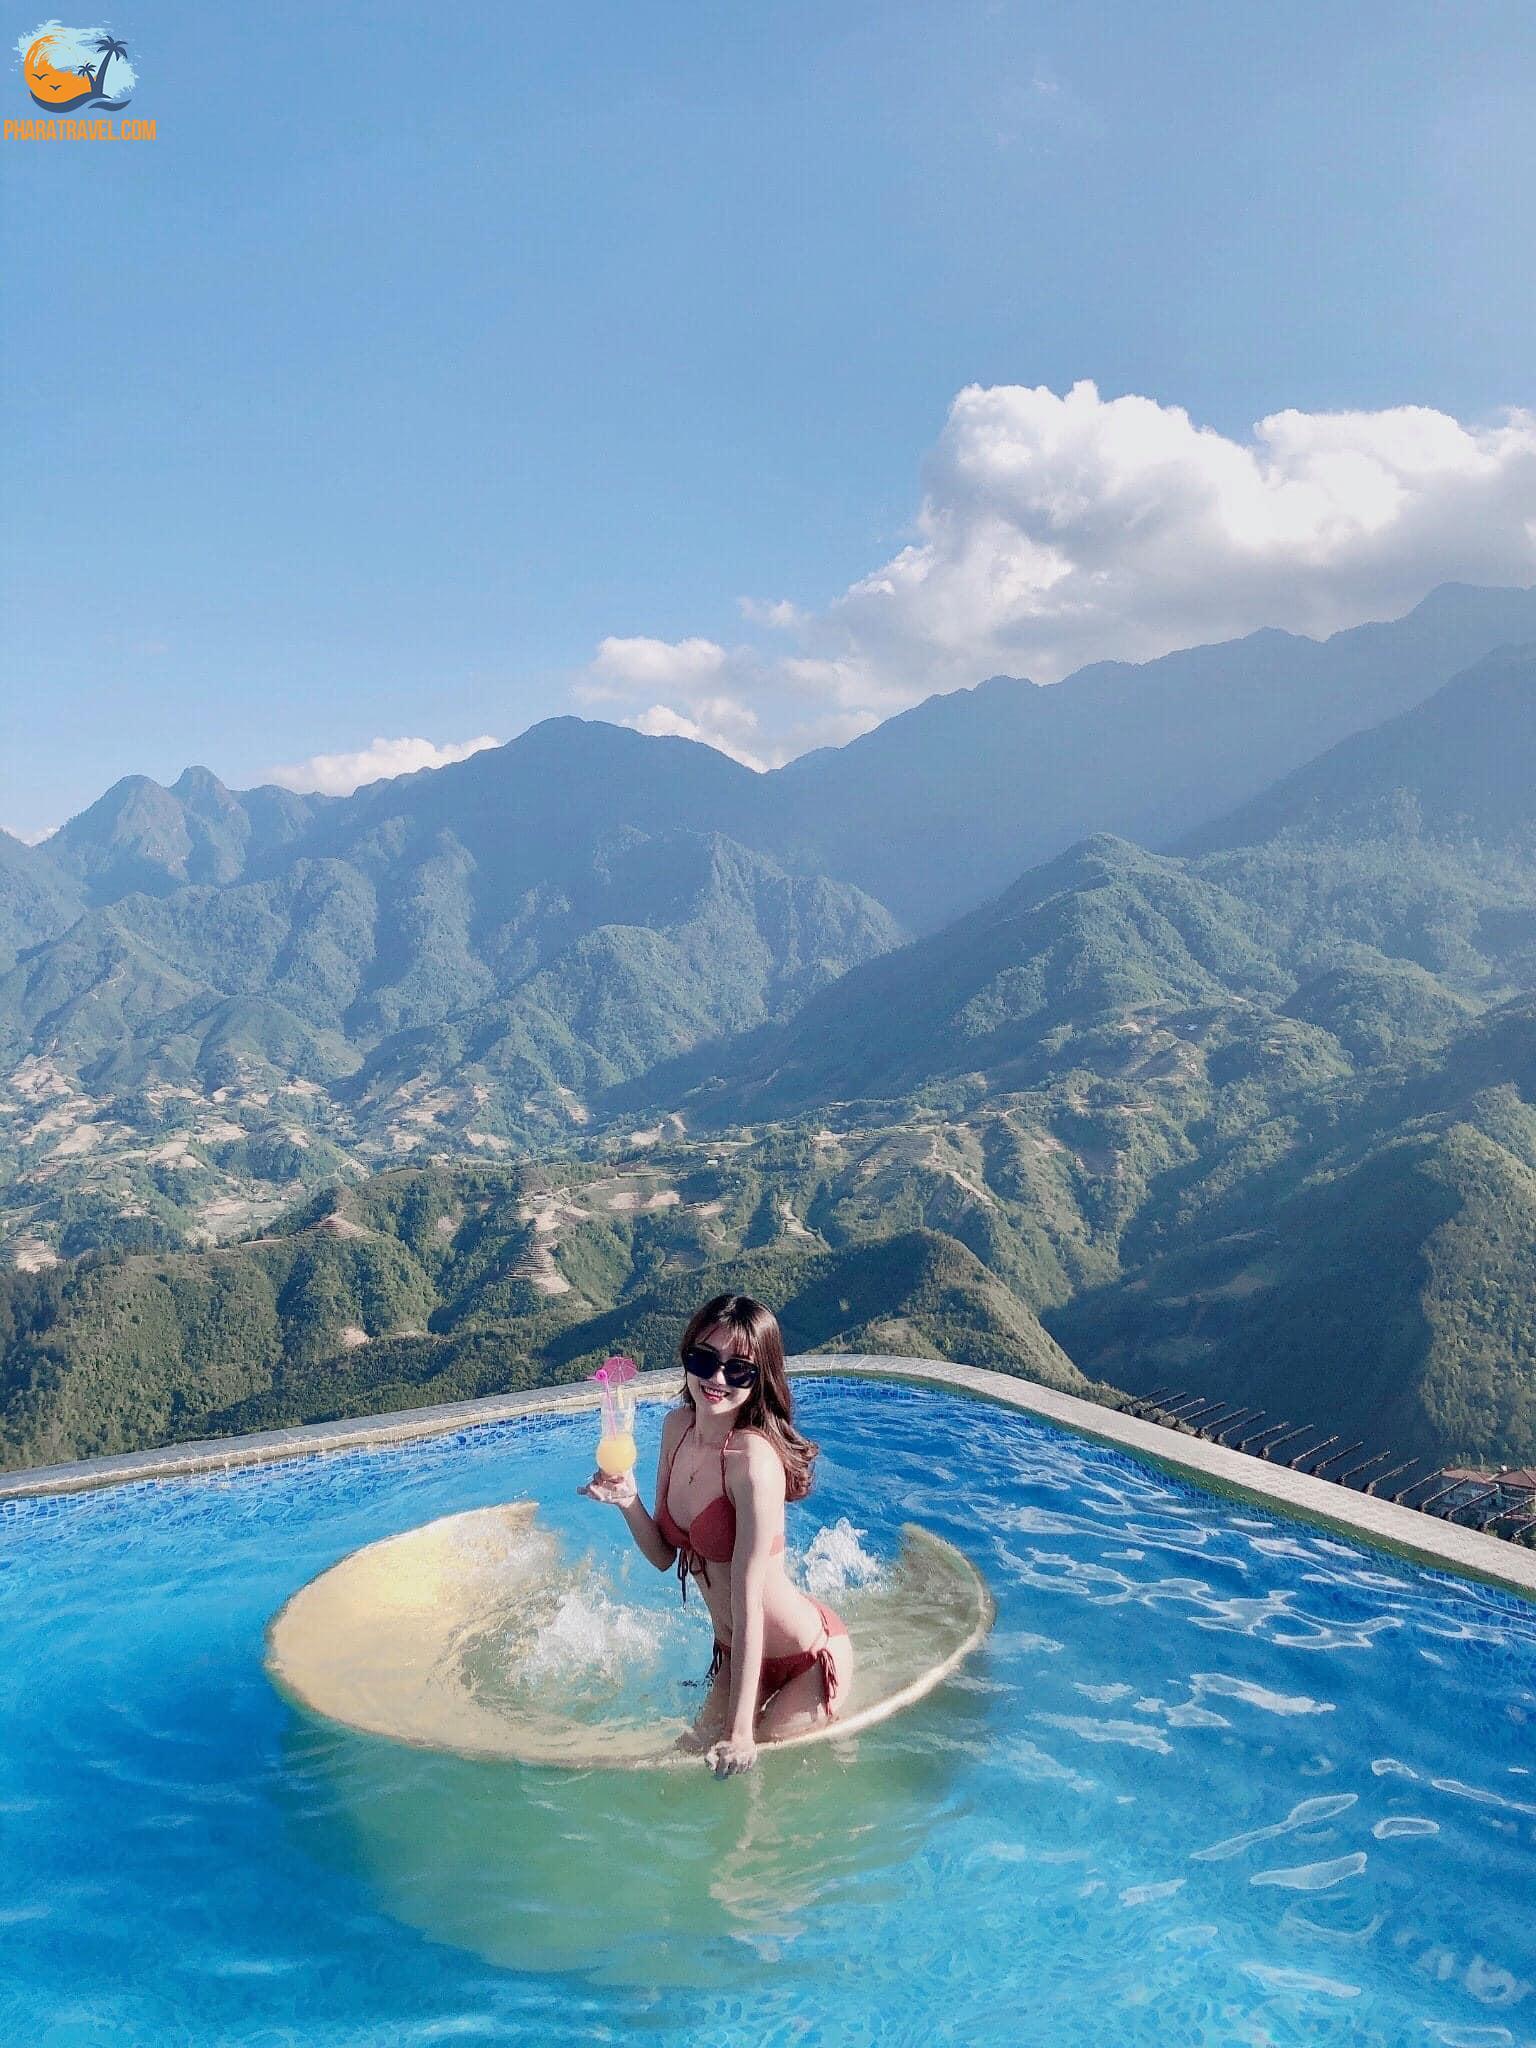 Du lịch Sapa - Kinh nghiệm ở đâu? ăn gì? trải nghiệm 10 điểm du lịch hấp dẫn